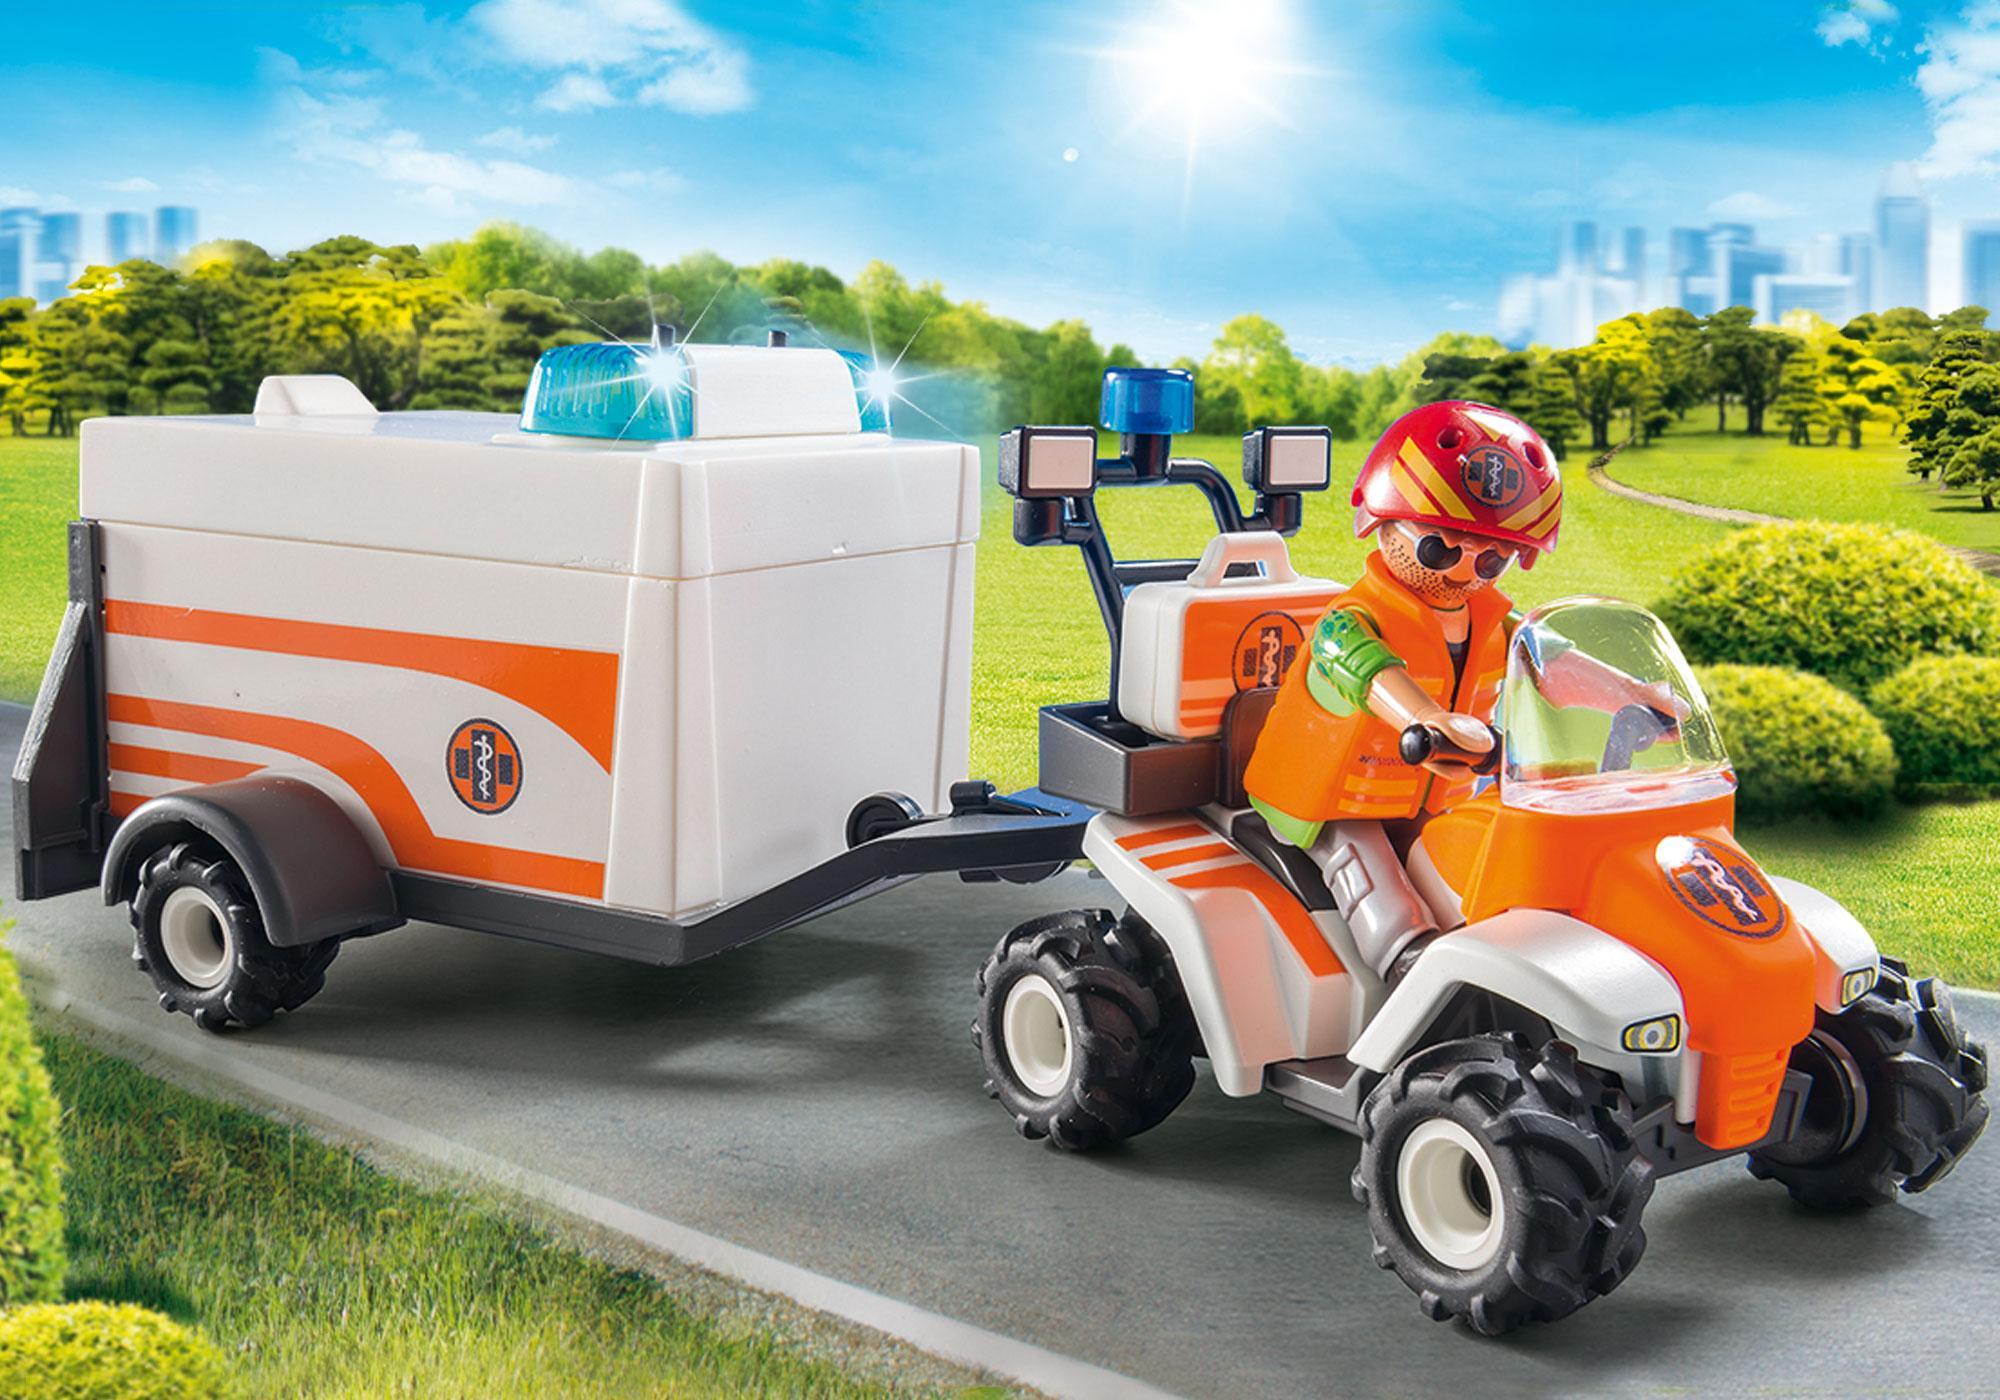 http://media.playmobil.com/i/playmobil/70053_product_extra2/Quad soccorso con carrello